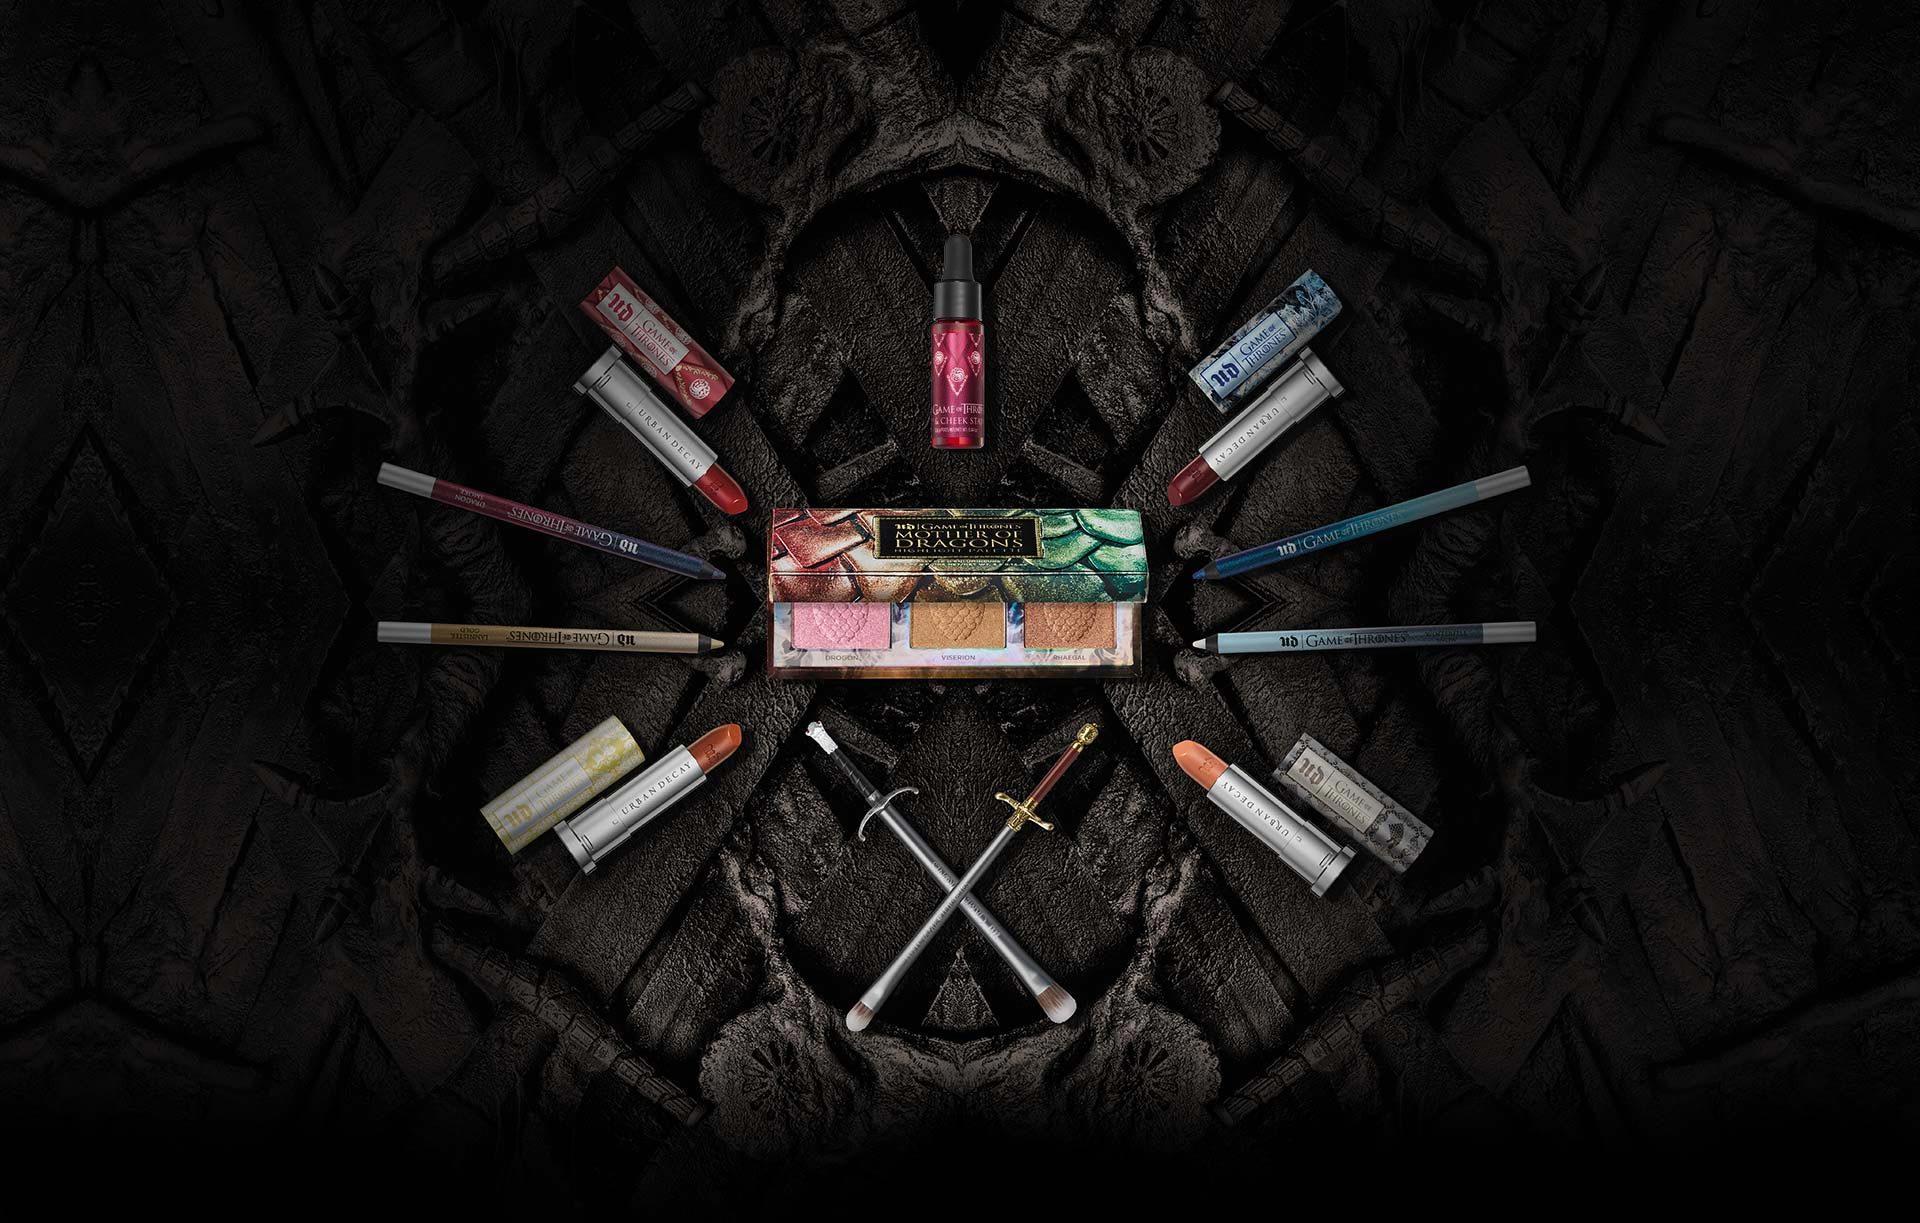 Urban Decay lanza una colección de maquillaje de Juego de Tronos.